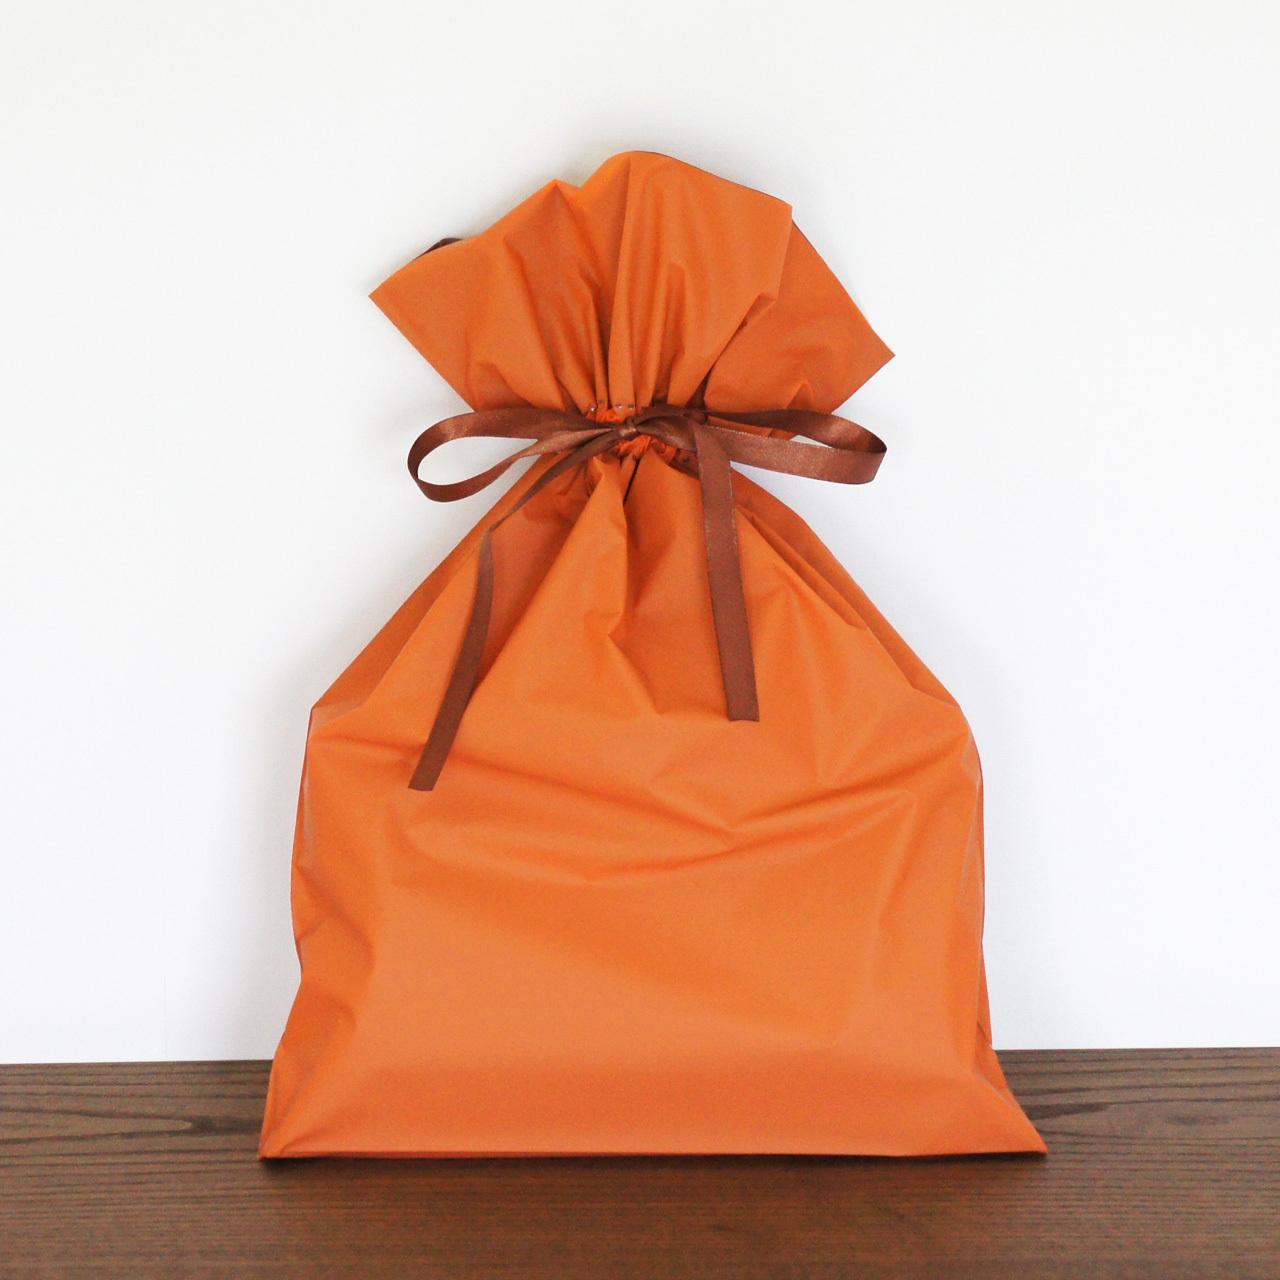 ふんわり柔らか革の箱ティッシュカバー【キャメル】